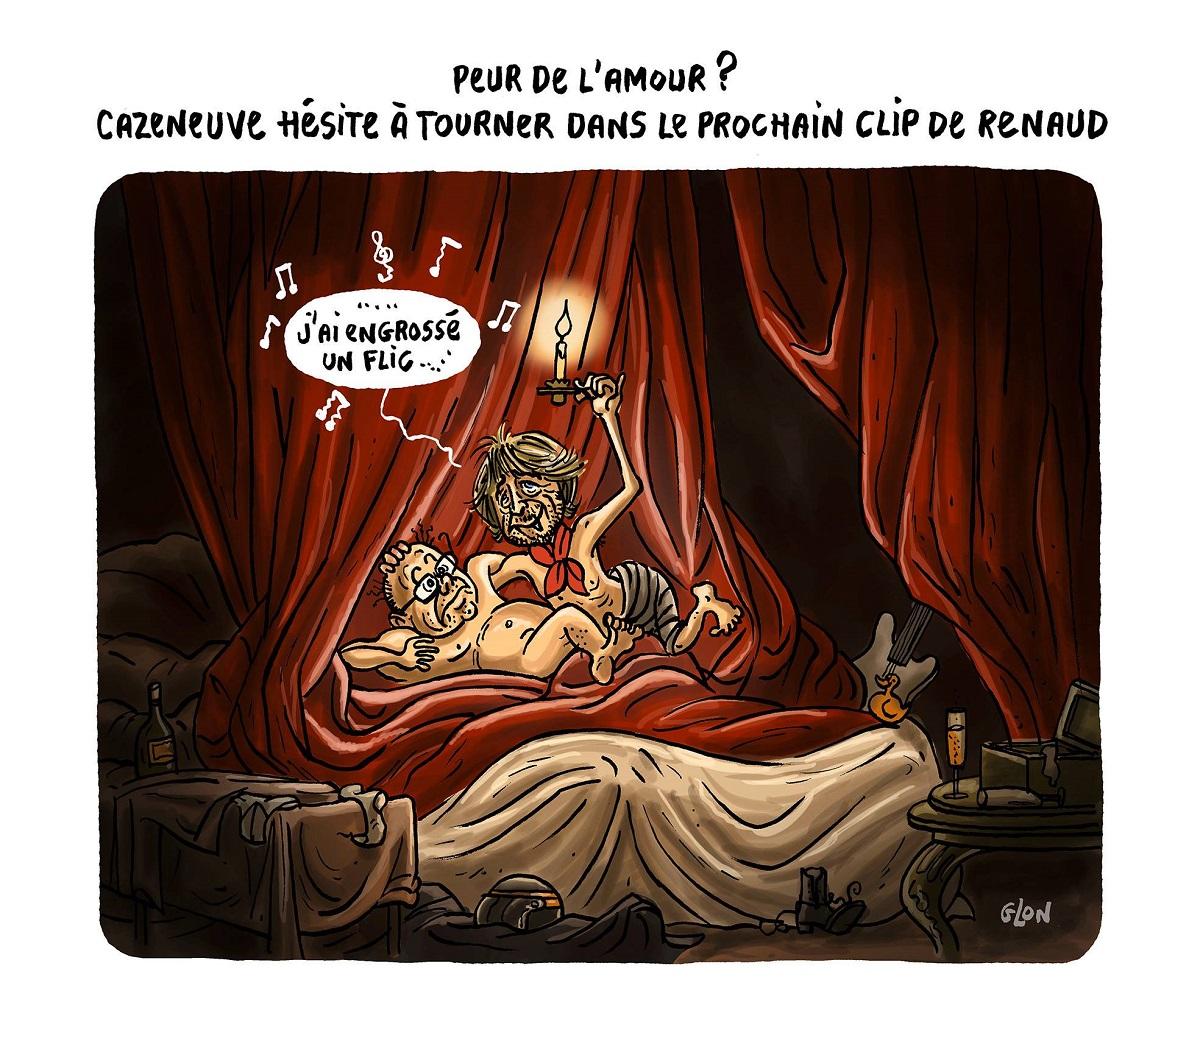 dessin d'actualité humoristique du nouveau clip de Renaud où il engrosse Bernard Cazeneuve